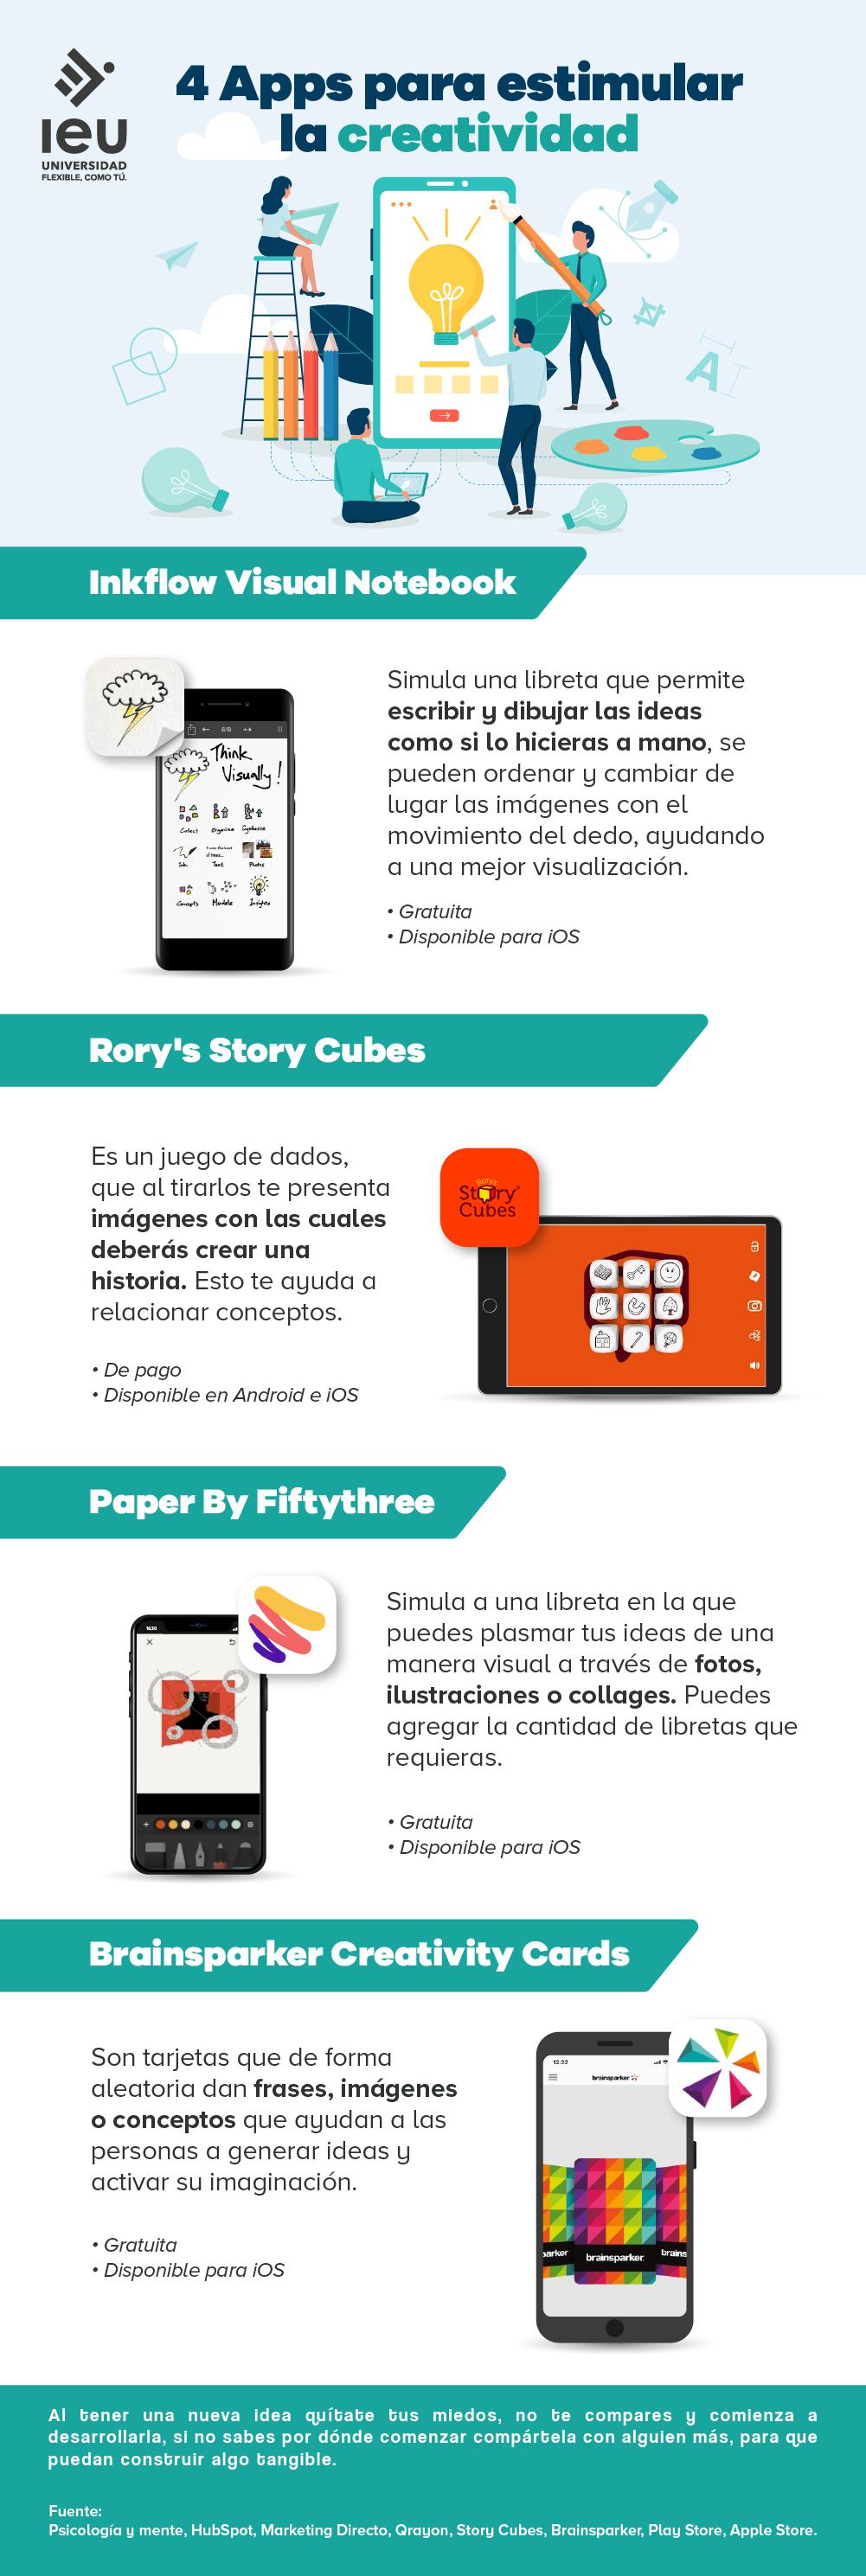 4 apps para estimular la creatividad infografia